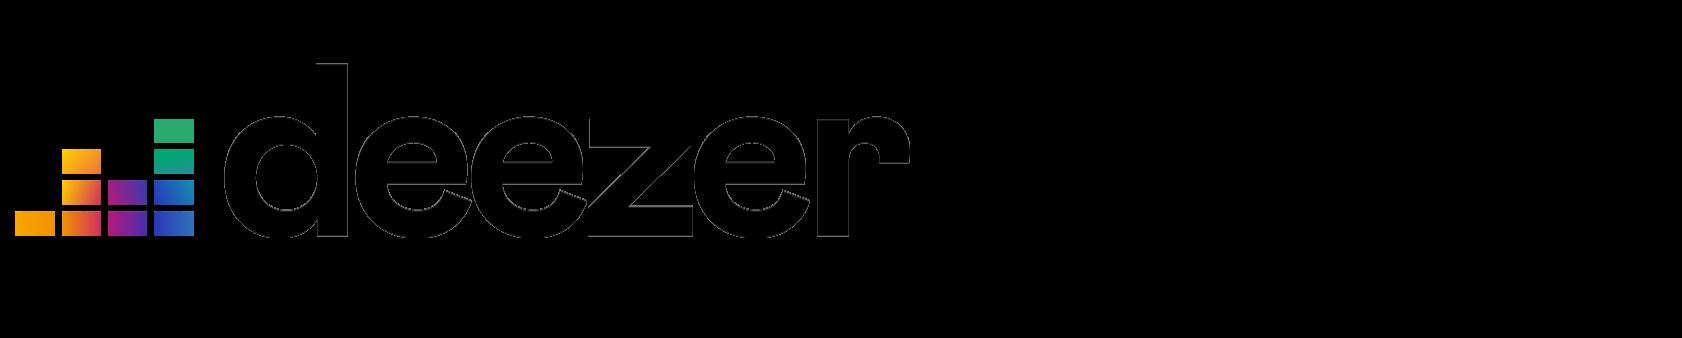 Deezer Comunidade Logo